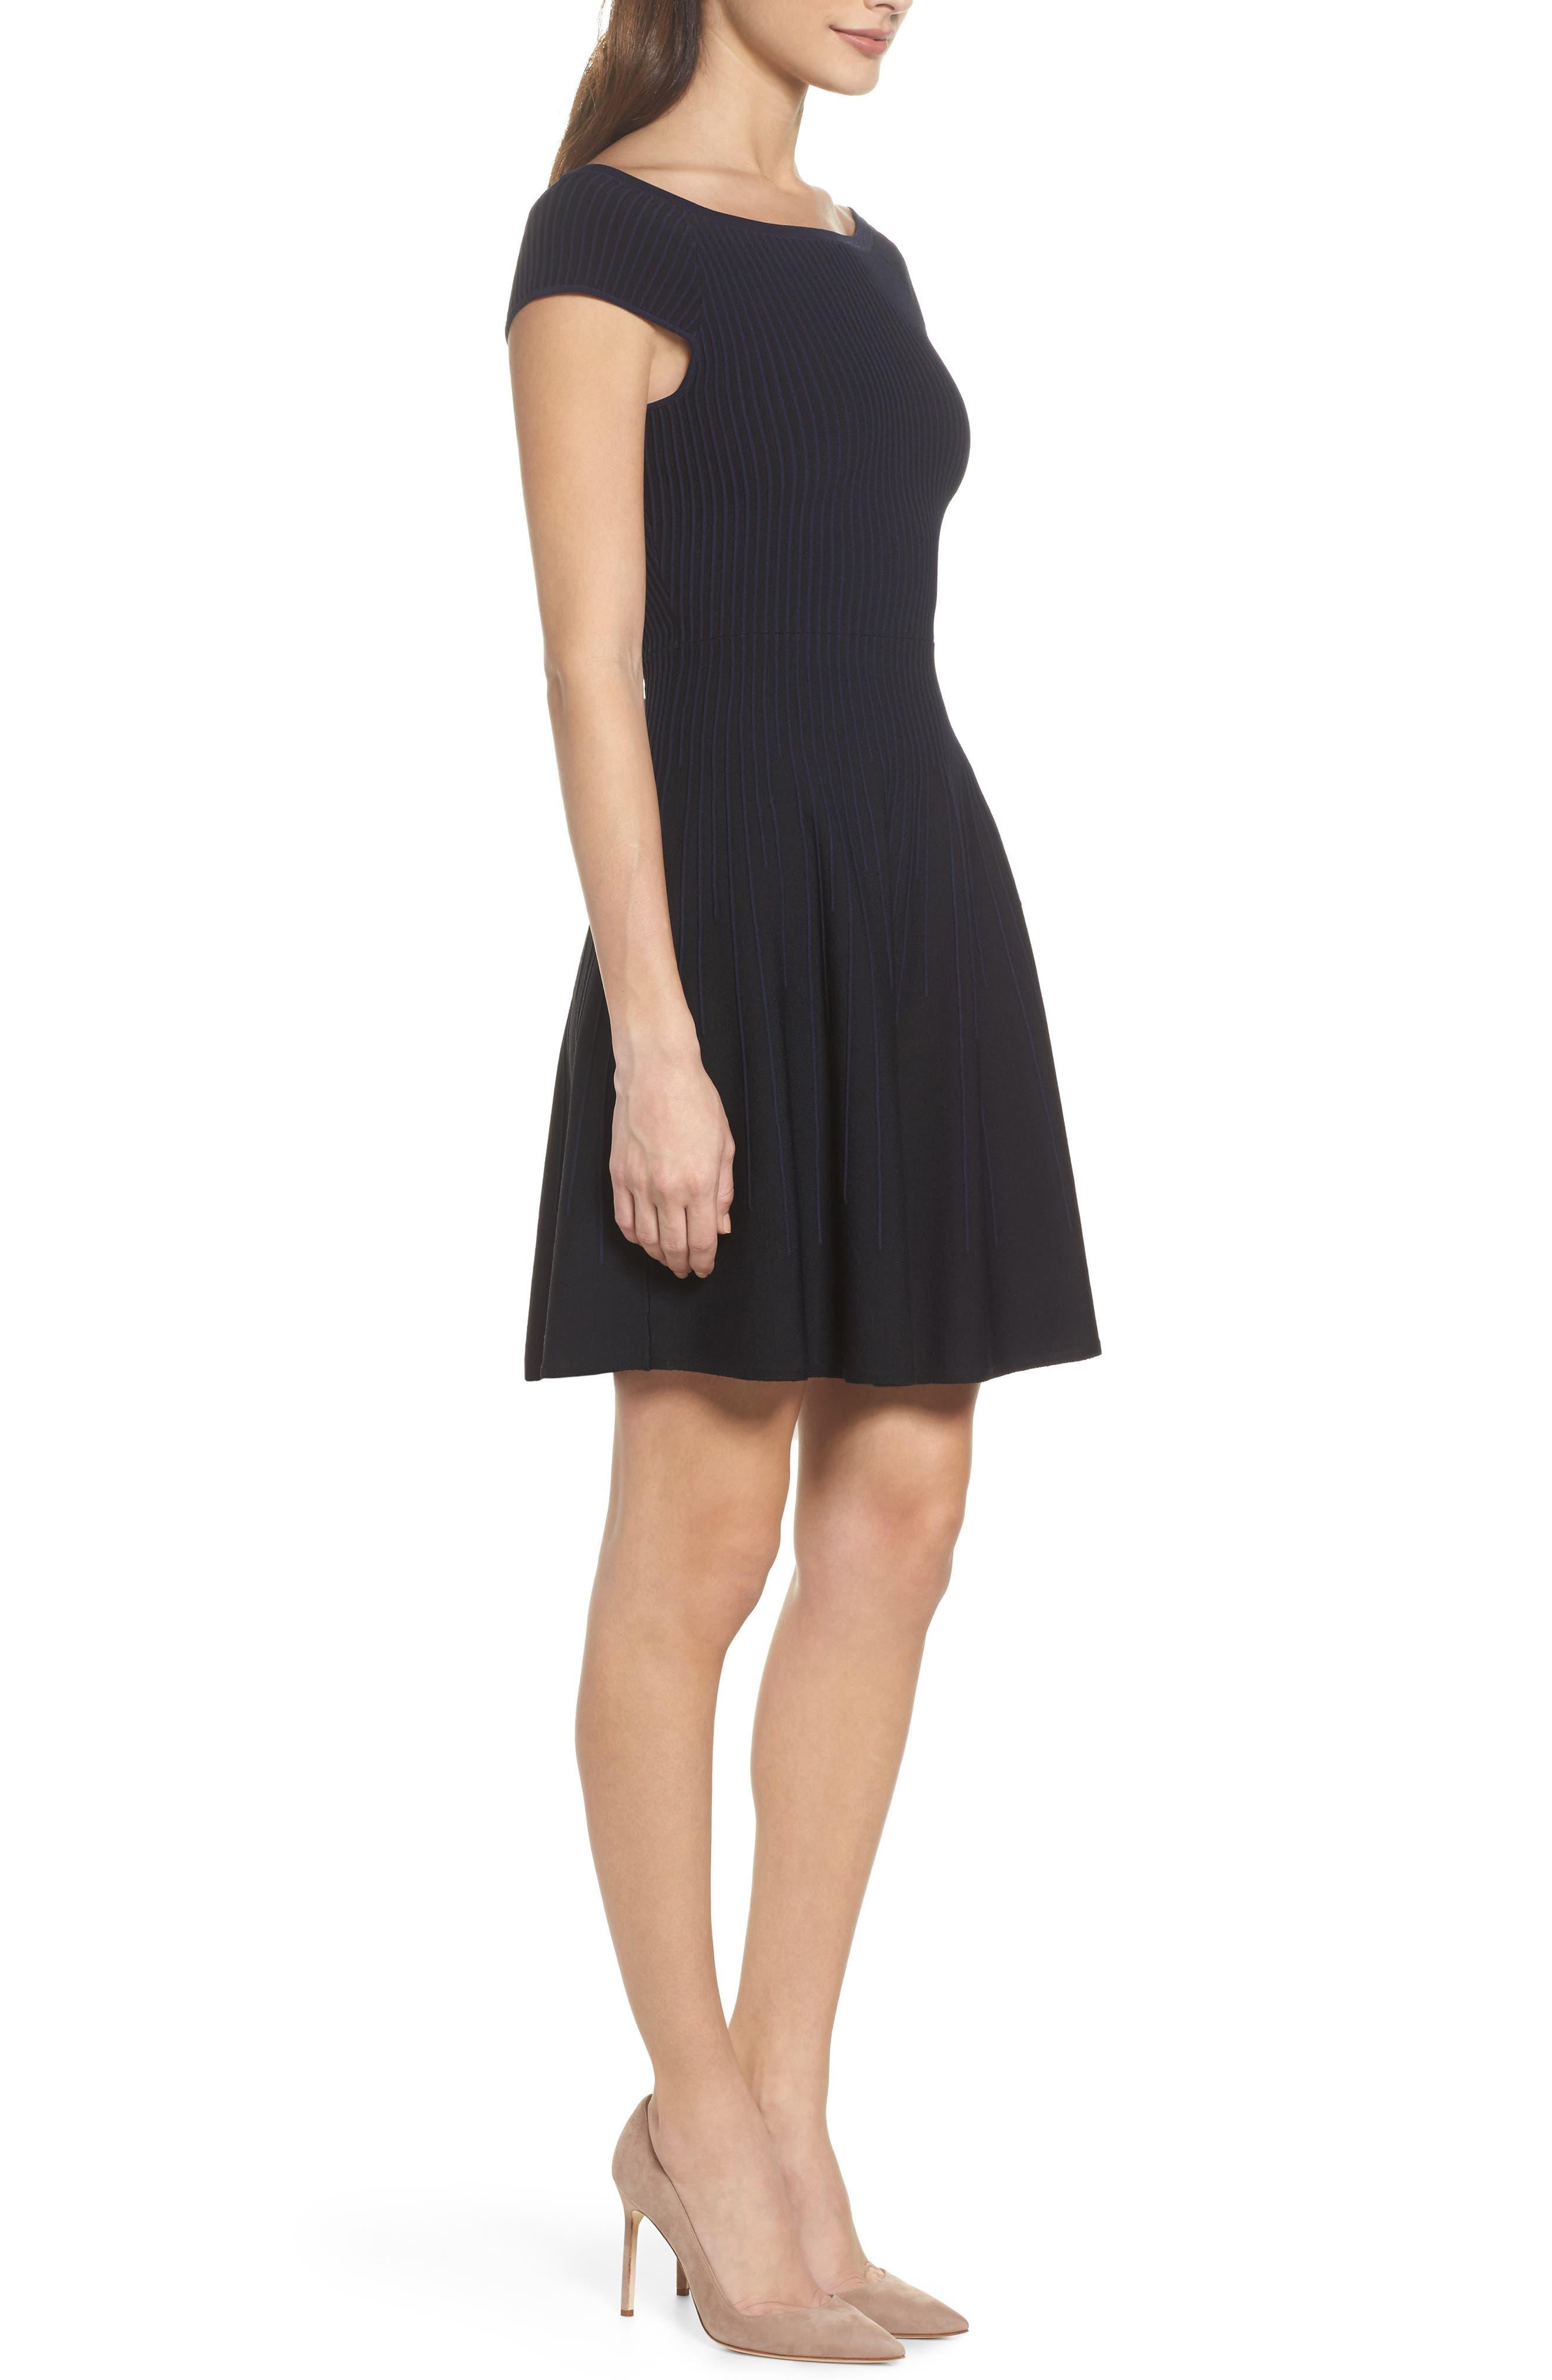 Olivia Off the Shoulder Dress,                             Alternate thumbnail 3, color,                             Black/ Nocturnal